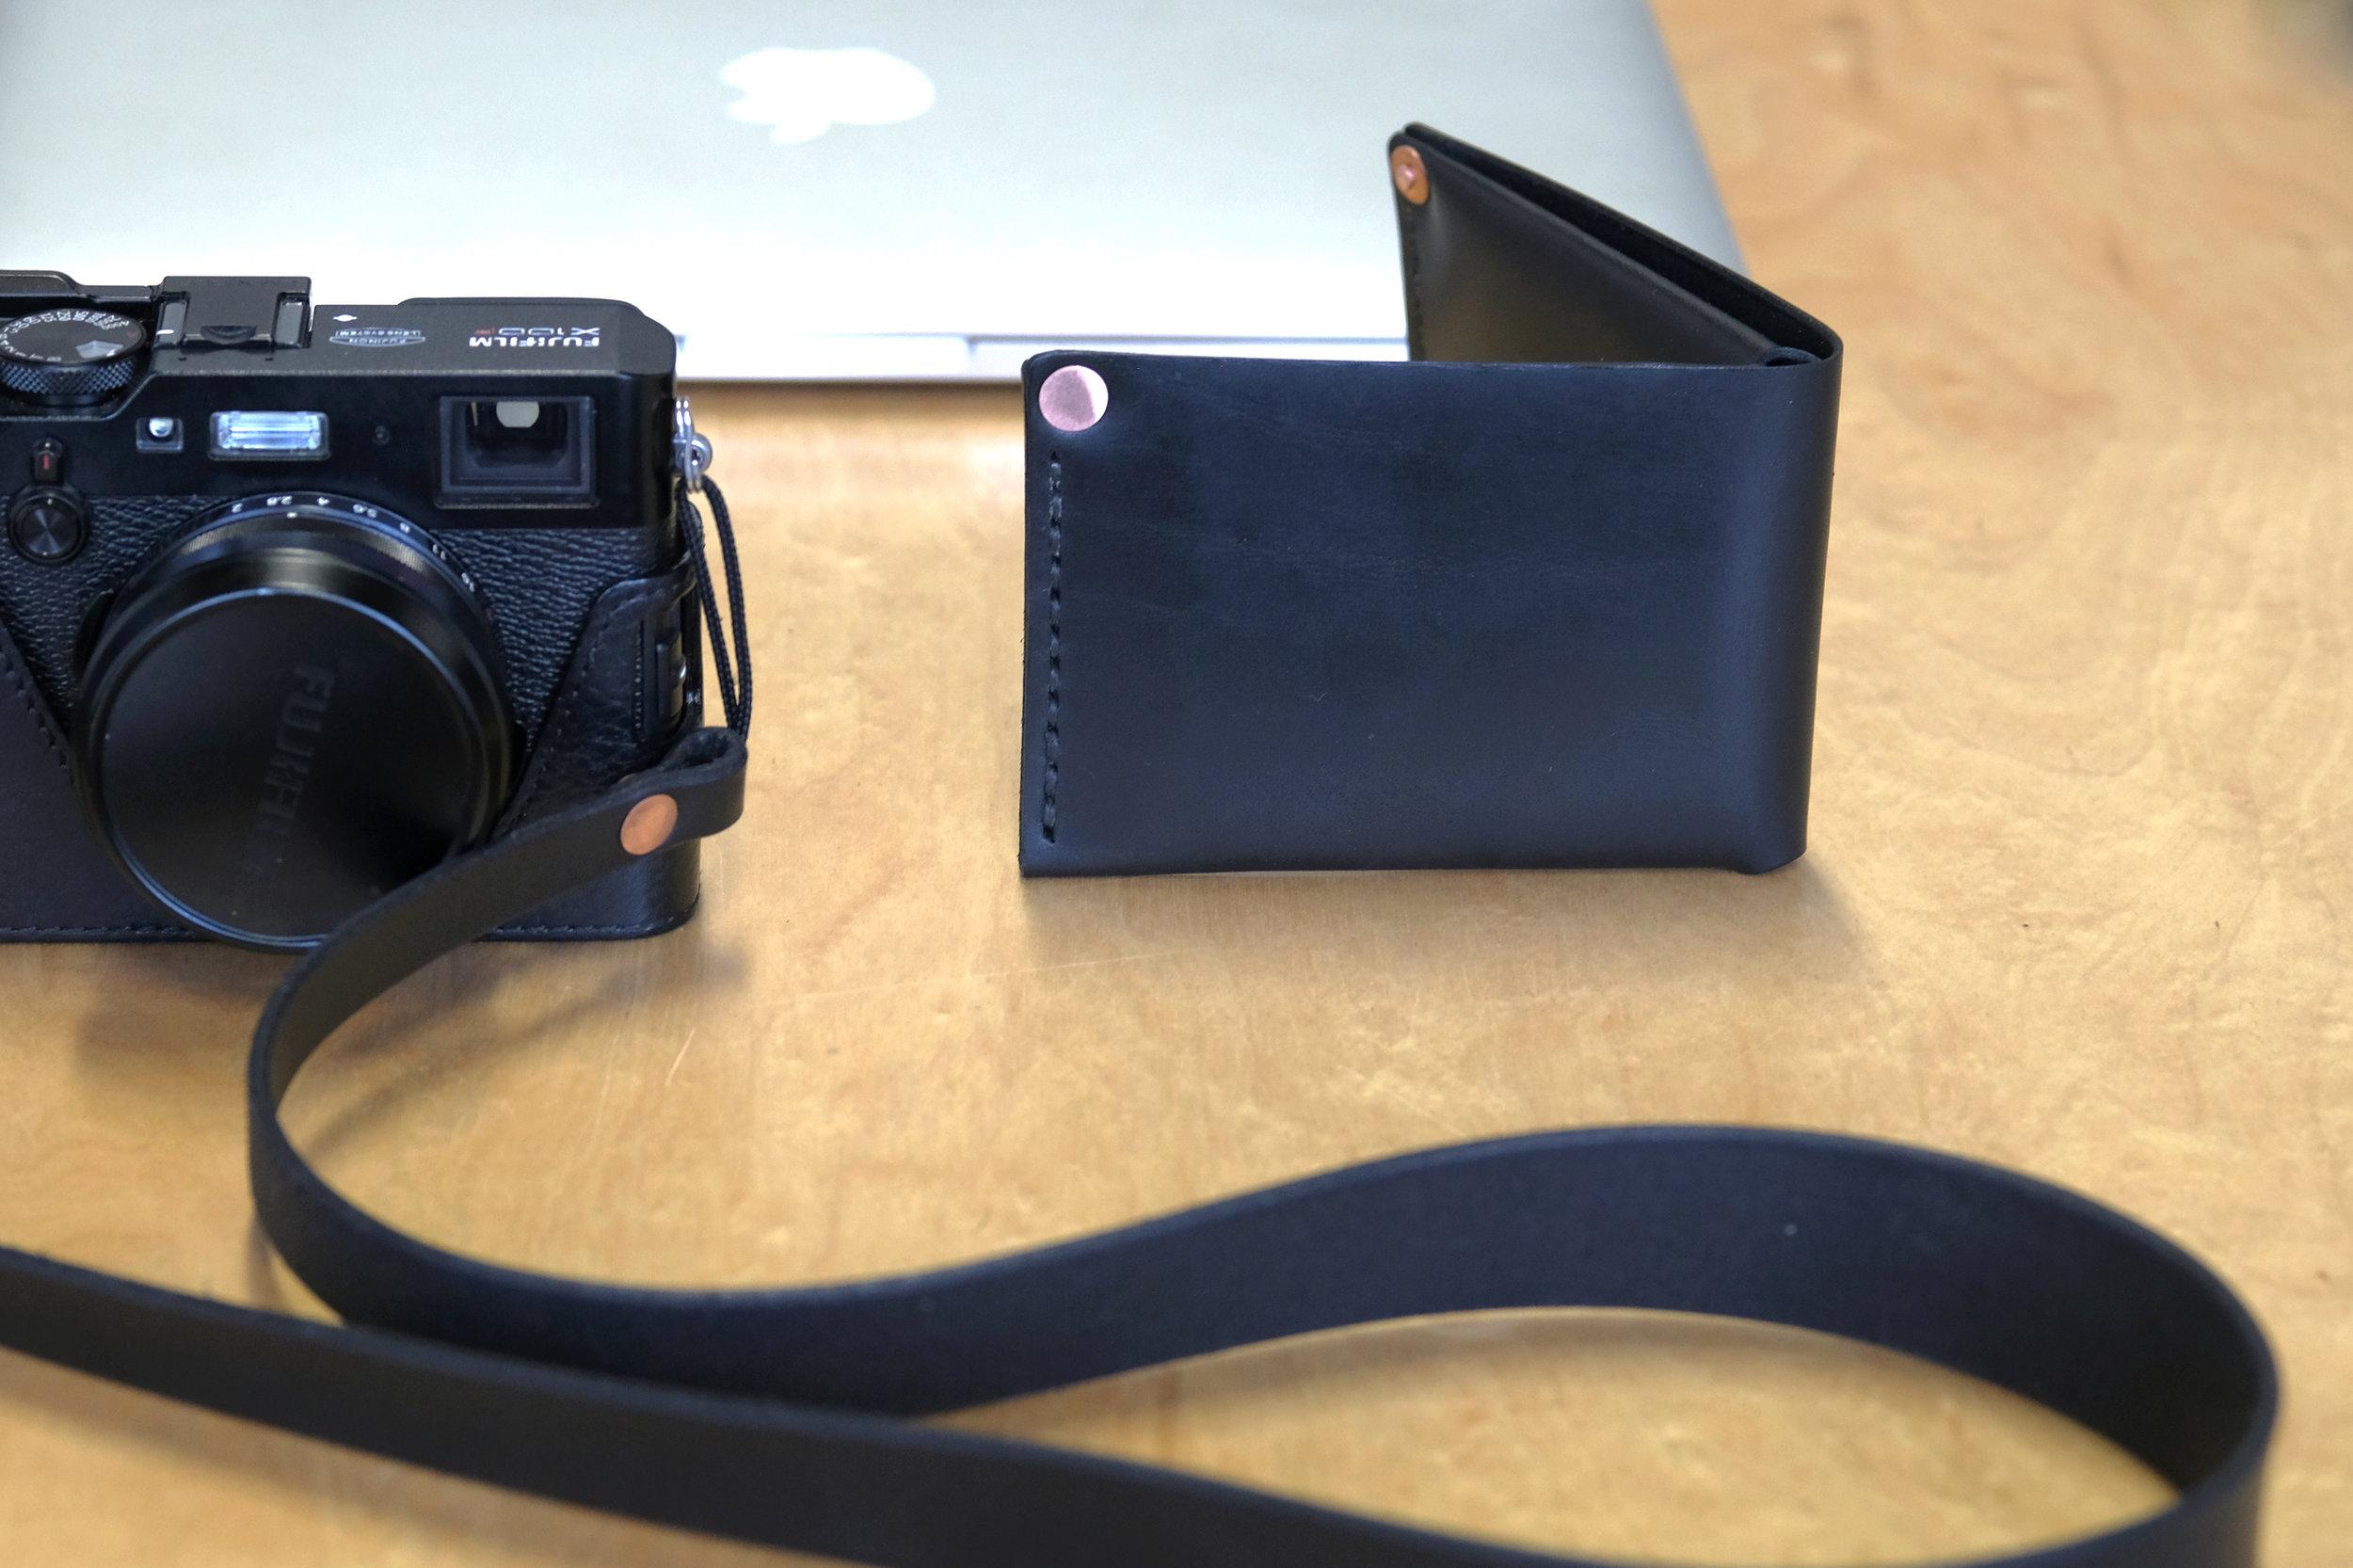 ateliermaas.wallet.camerastrap.comp.jpg